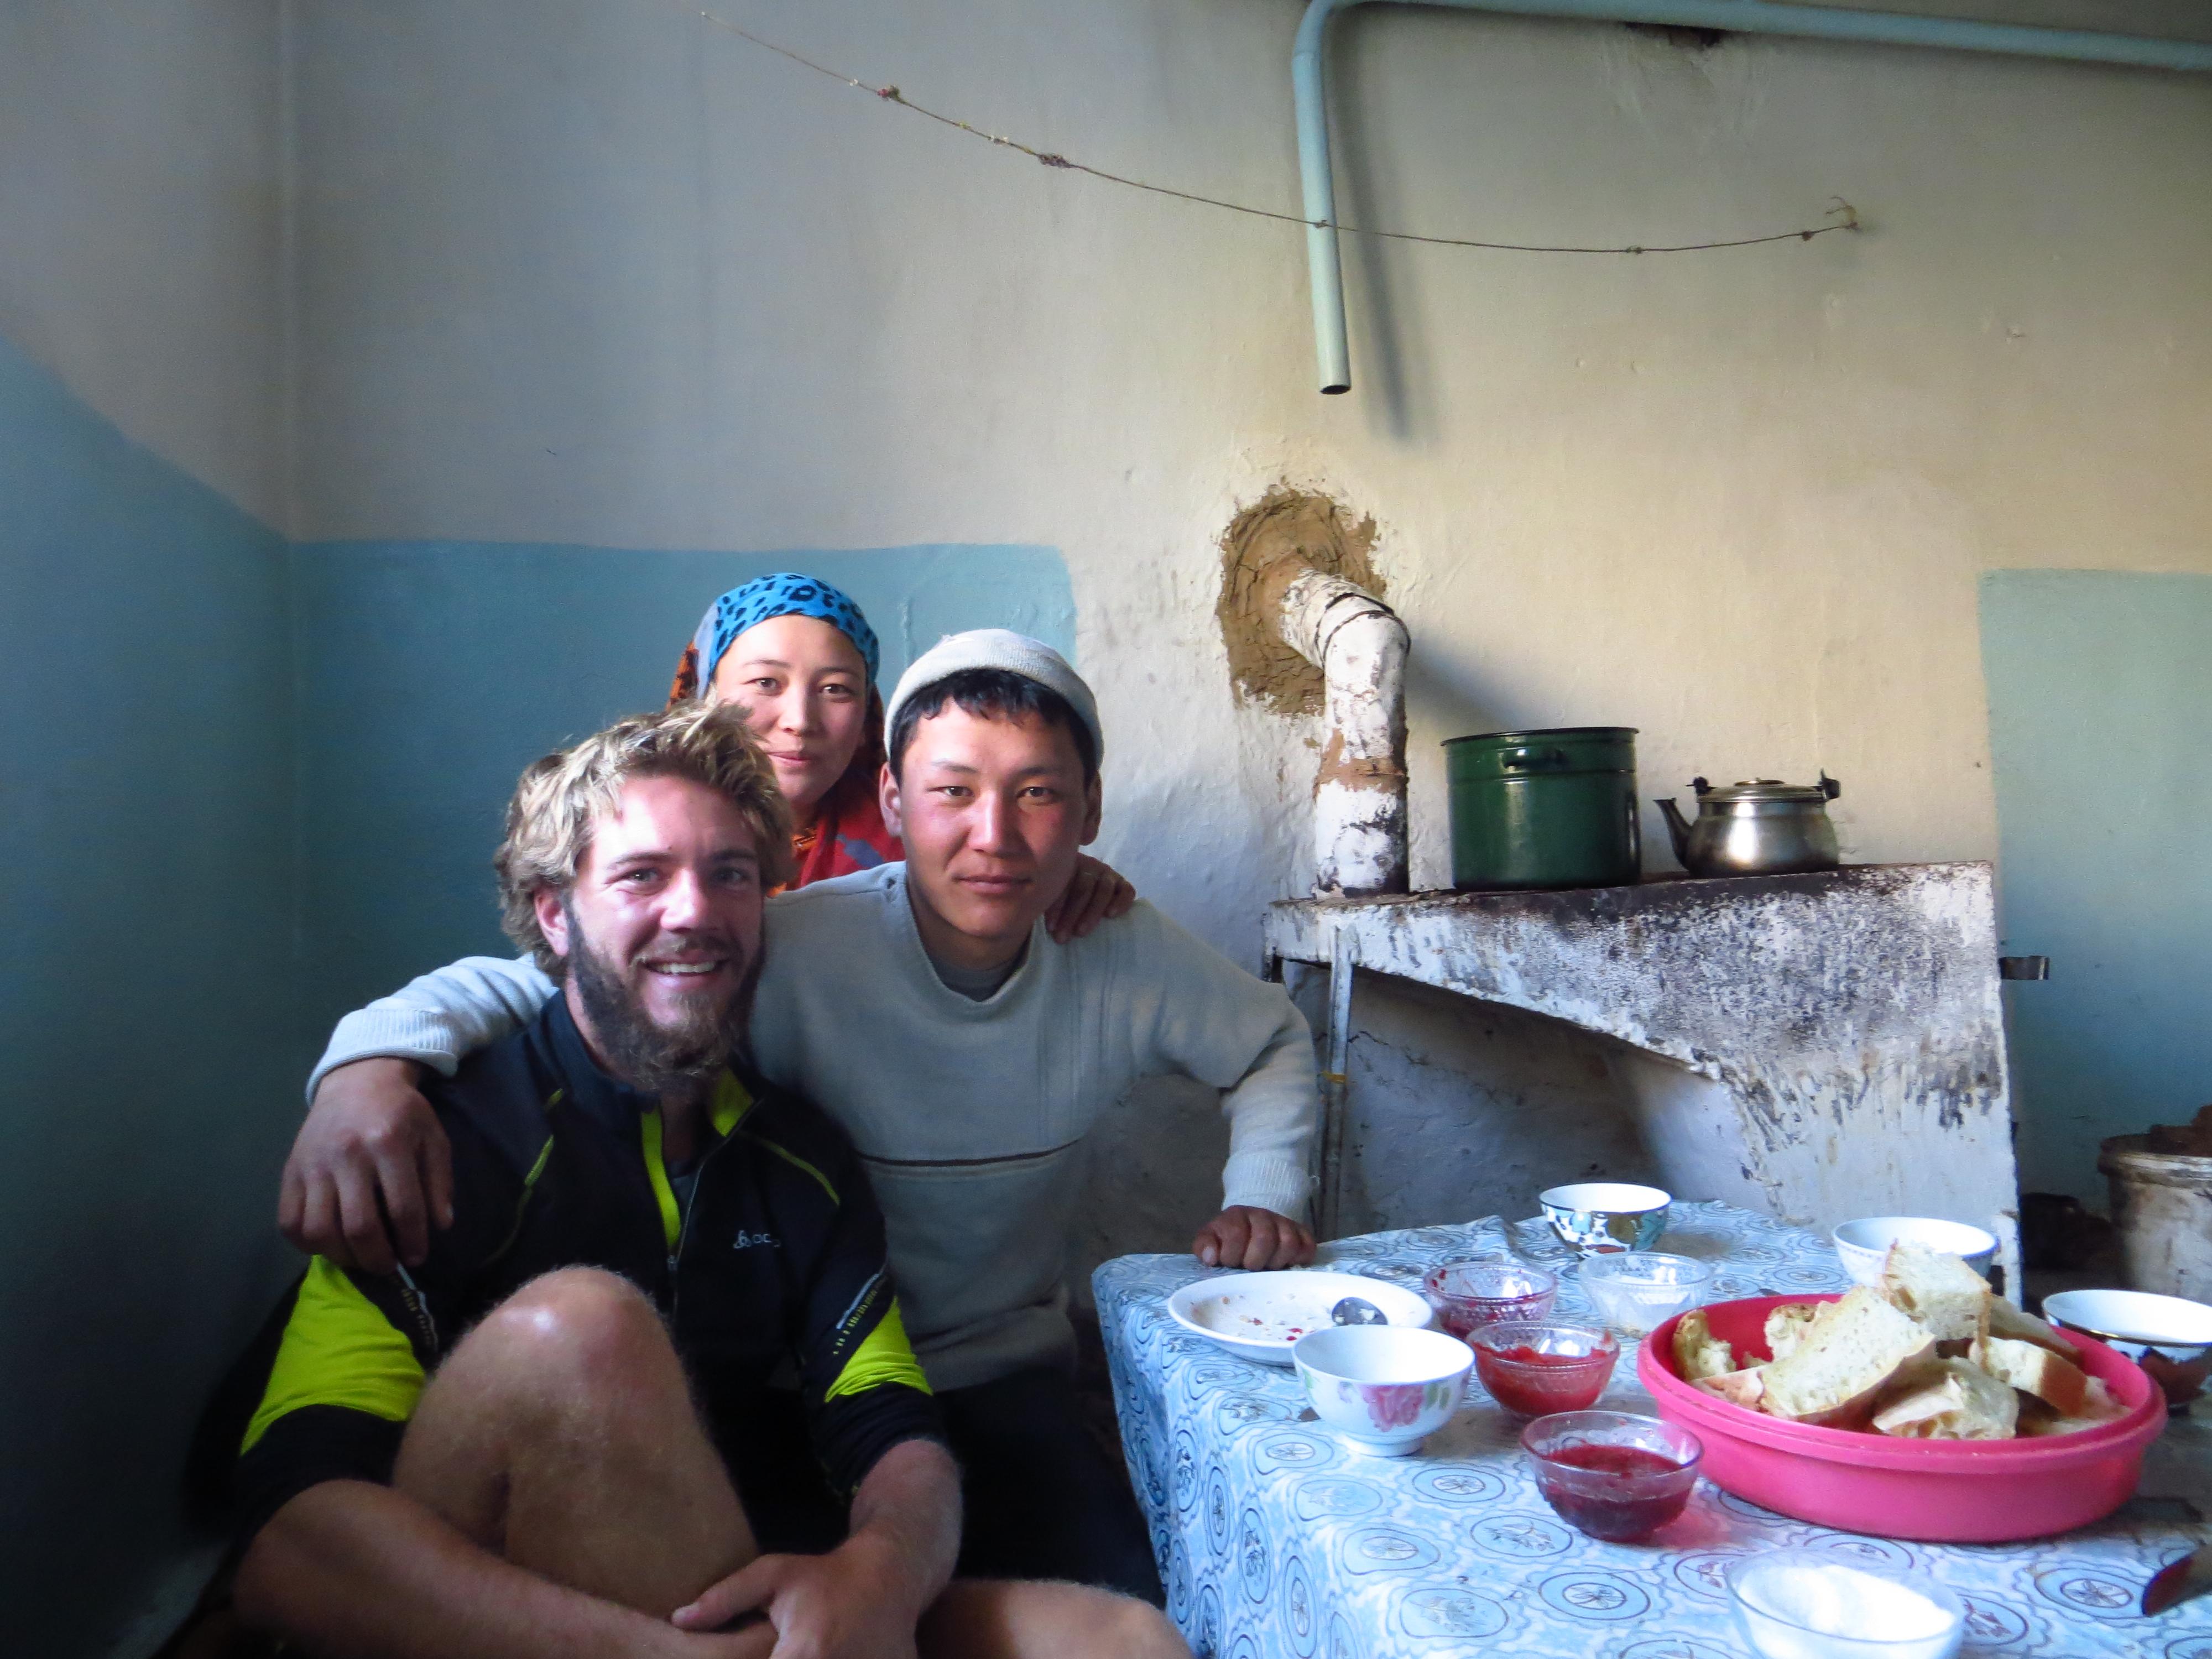 Coucou et sa soeur nous heberge une nuit dans la montagne Kyrgyze